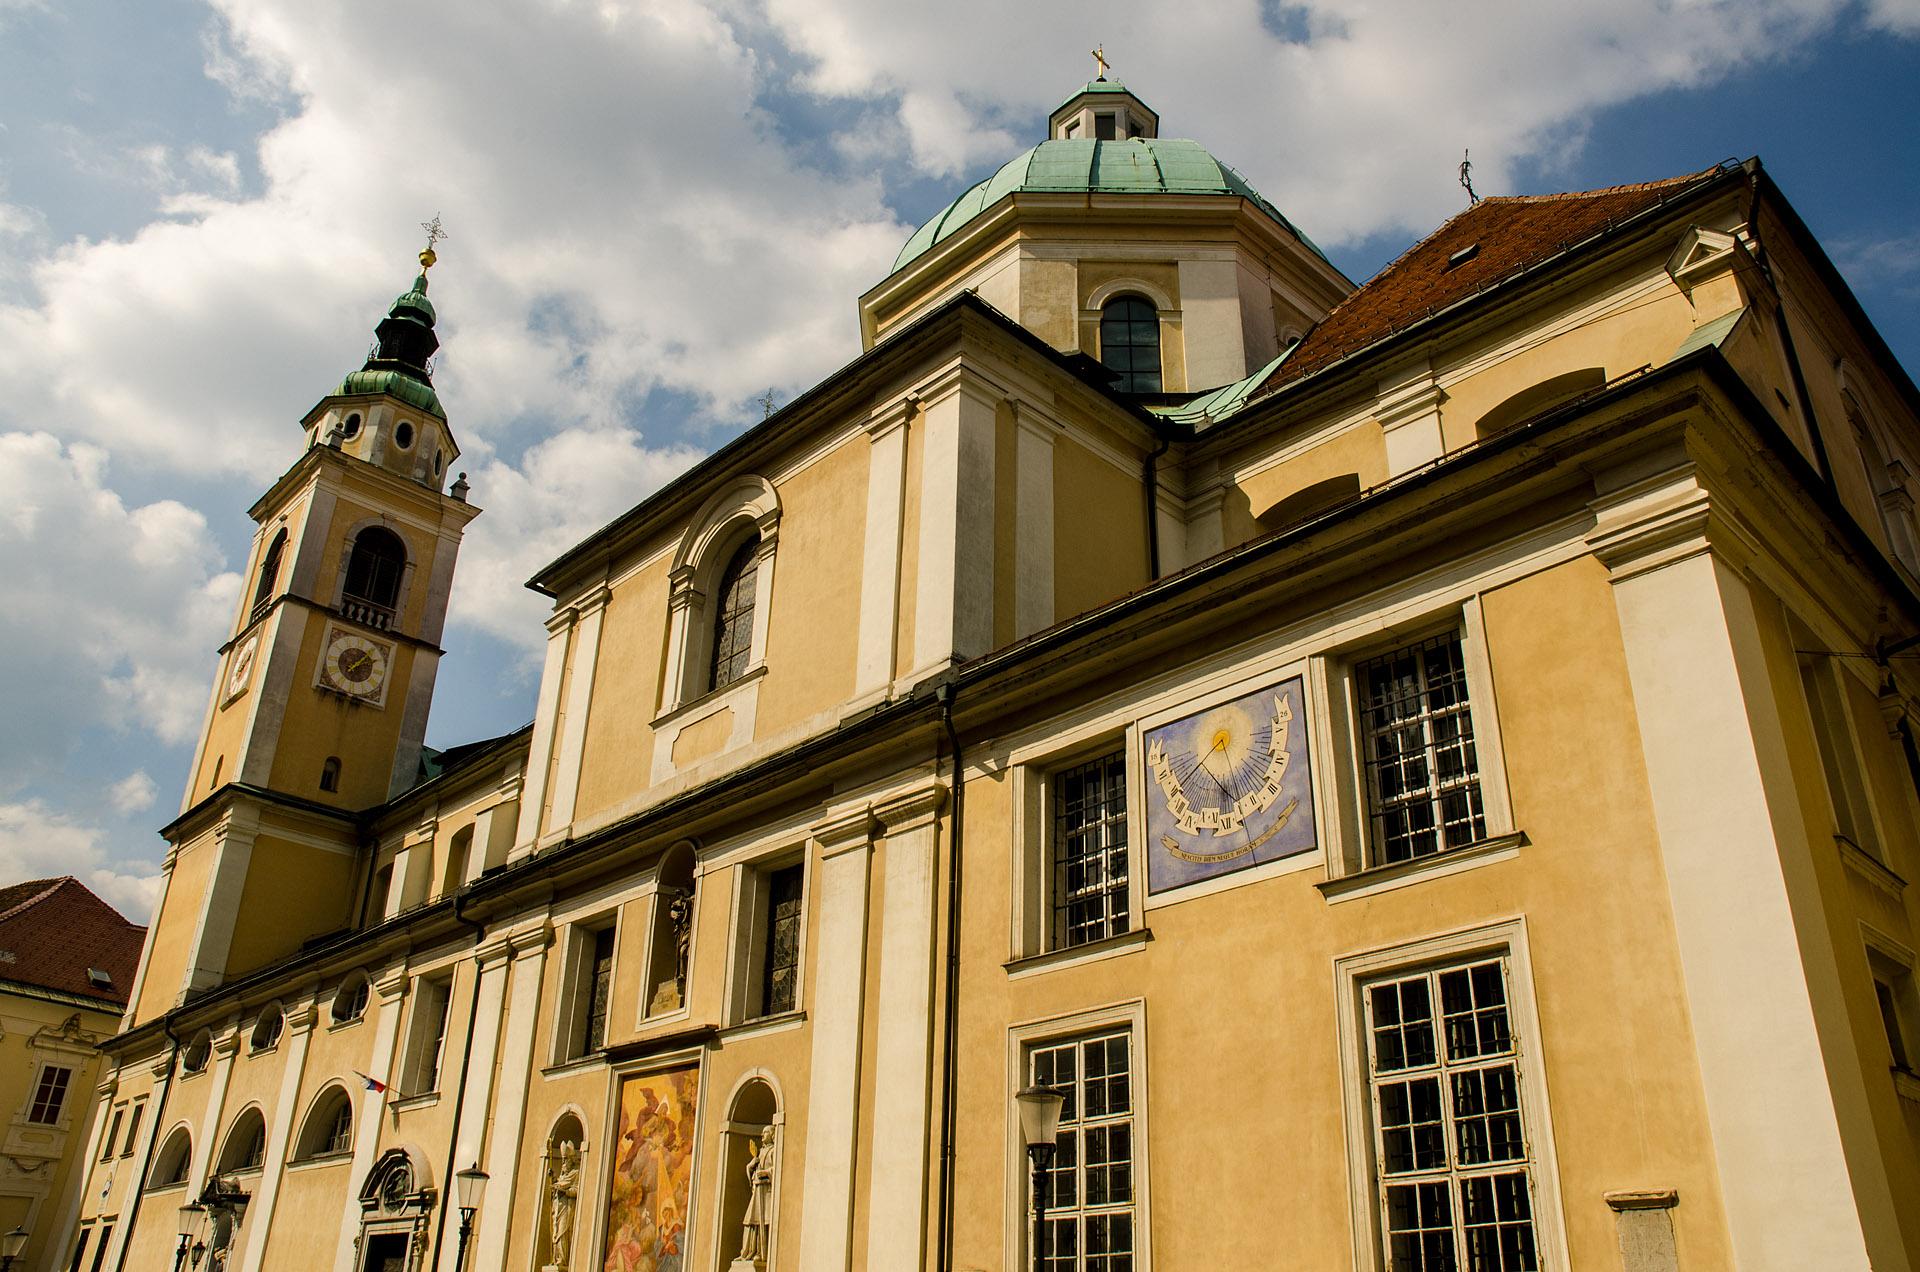 Ljubljana Cathedral (St. Nicholas' Church)